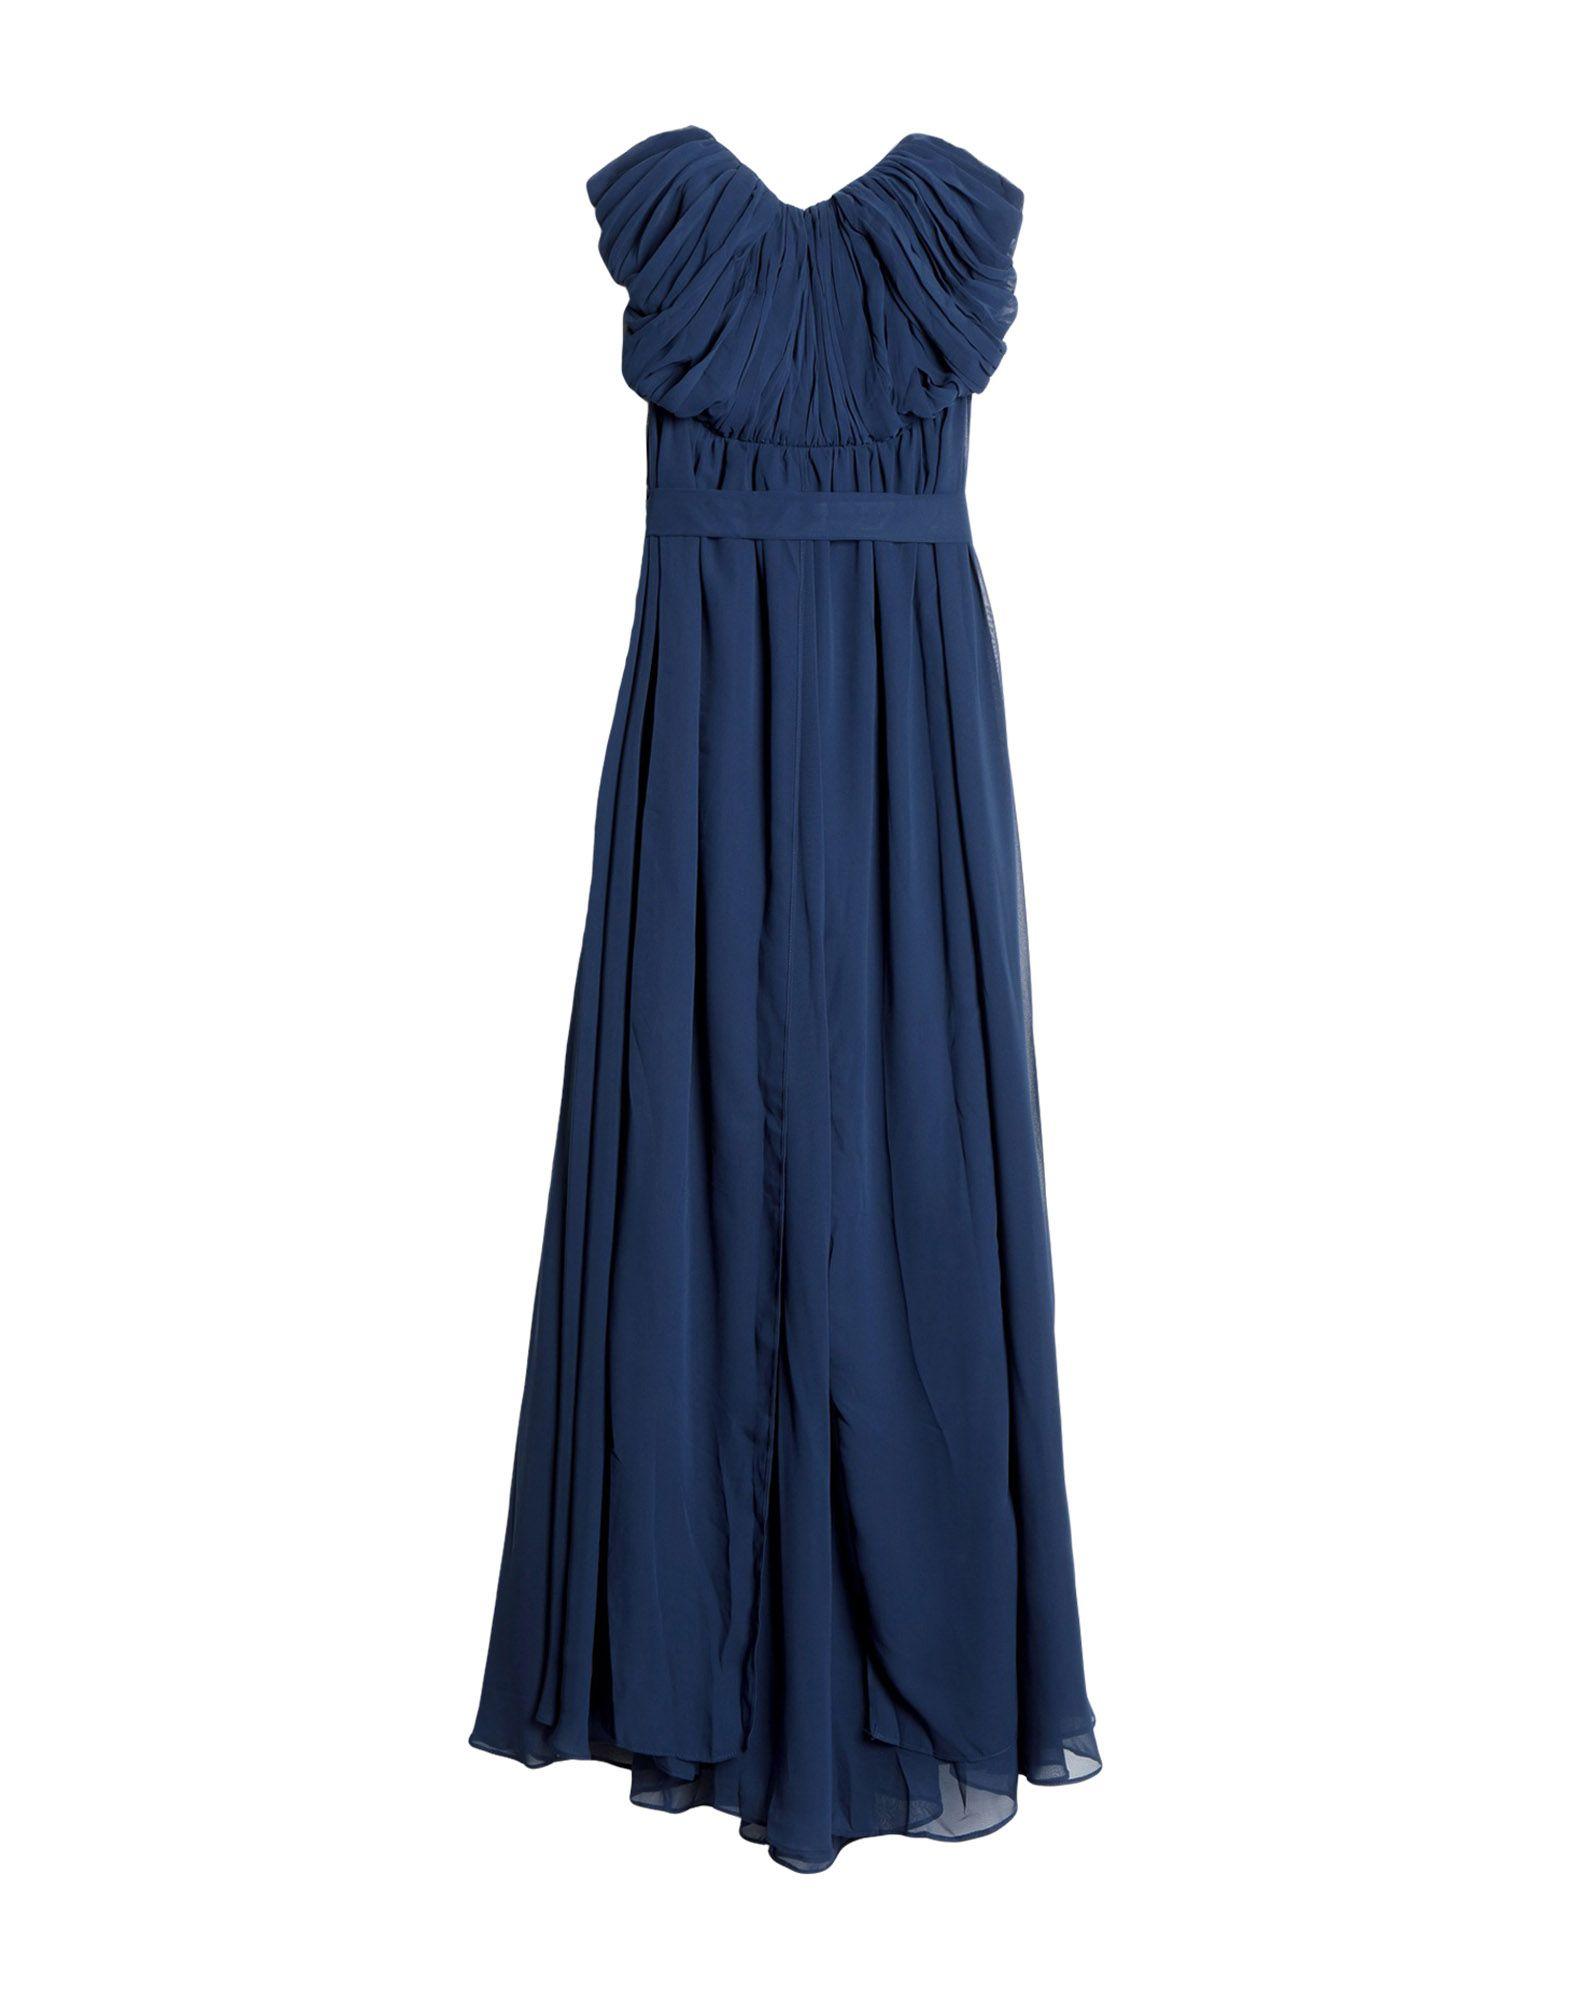 《セール開催中》BY MALINA レディース ロングワンピース&ドレス ダークブルー M ポリエステル 95% / ポリウレタン 5%